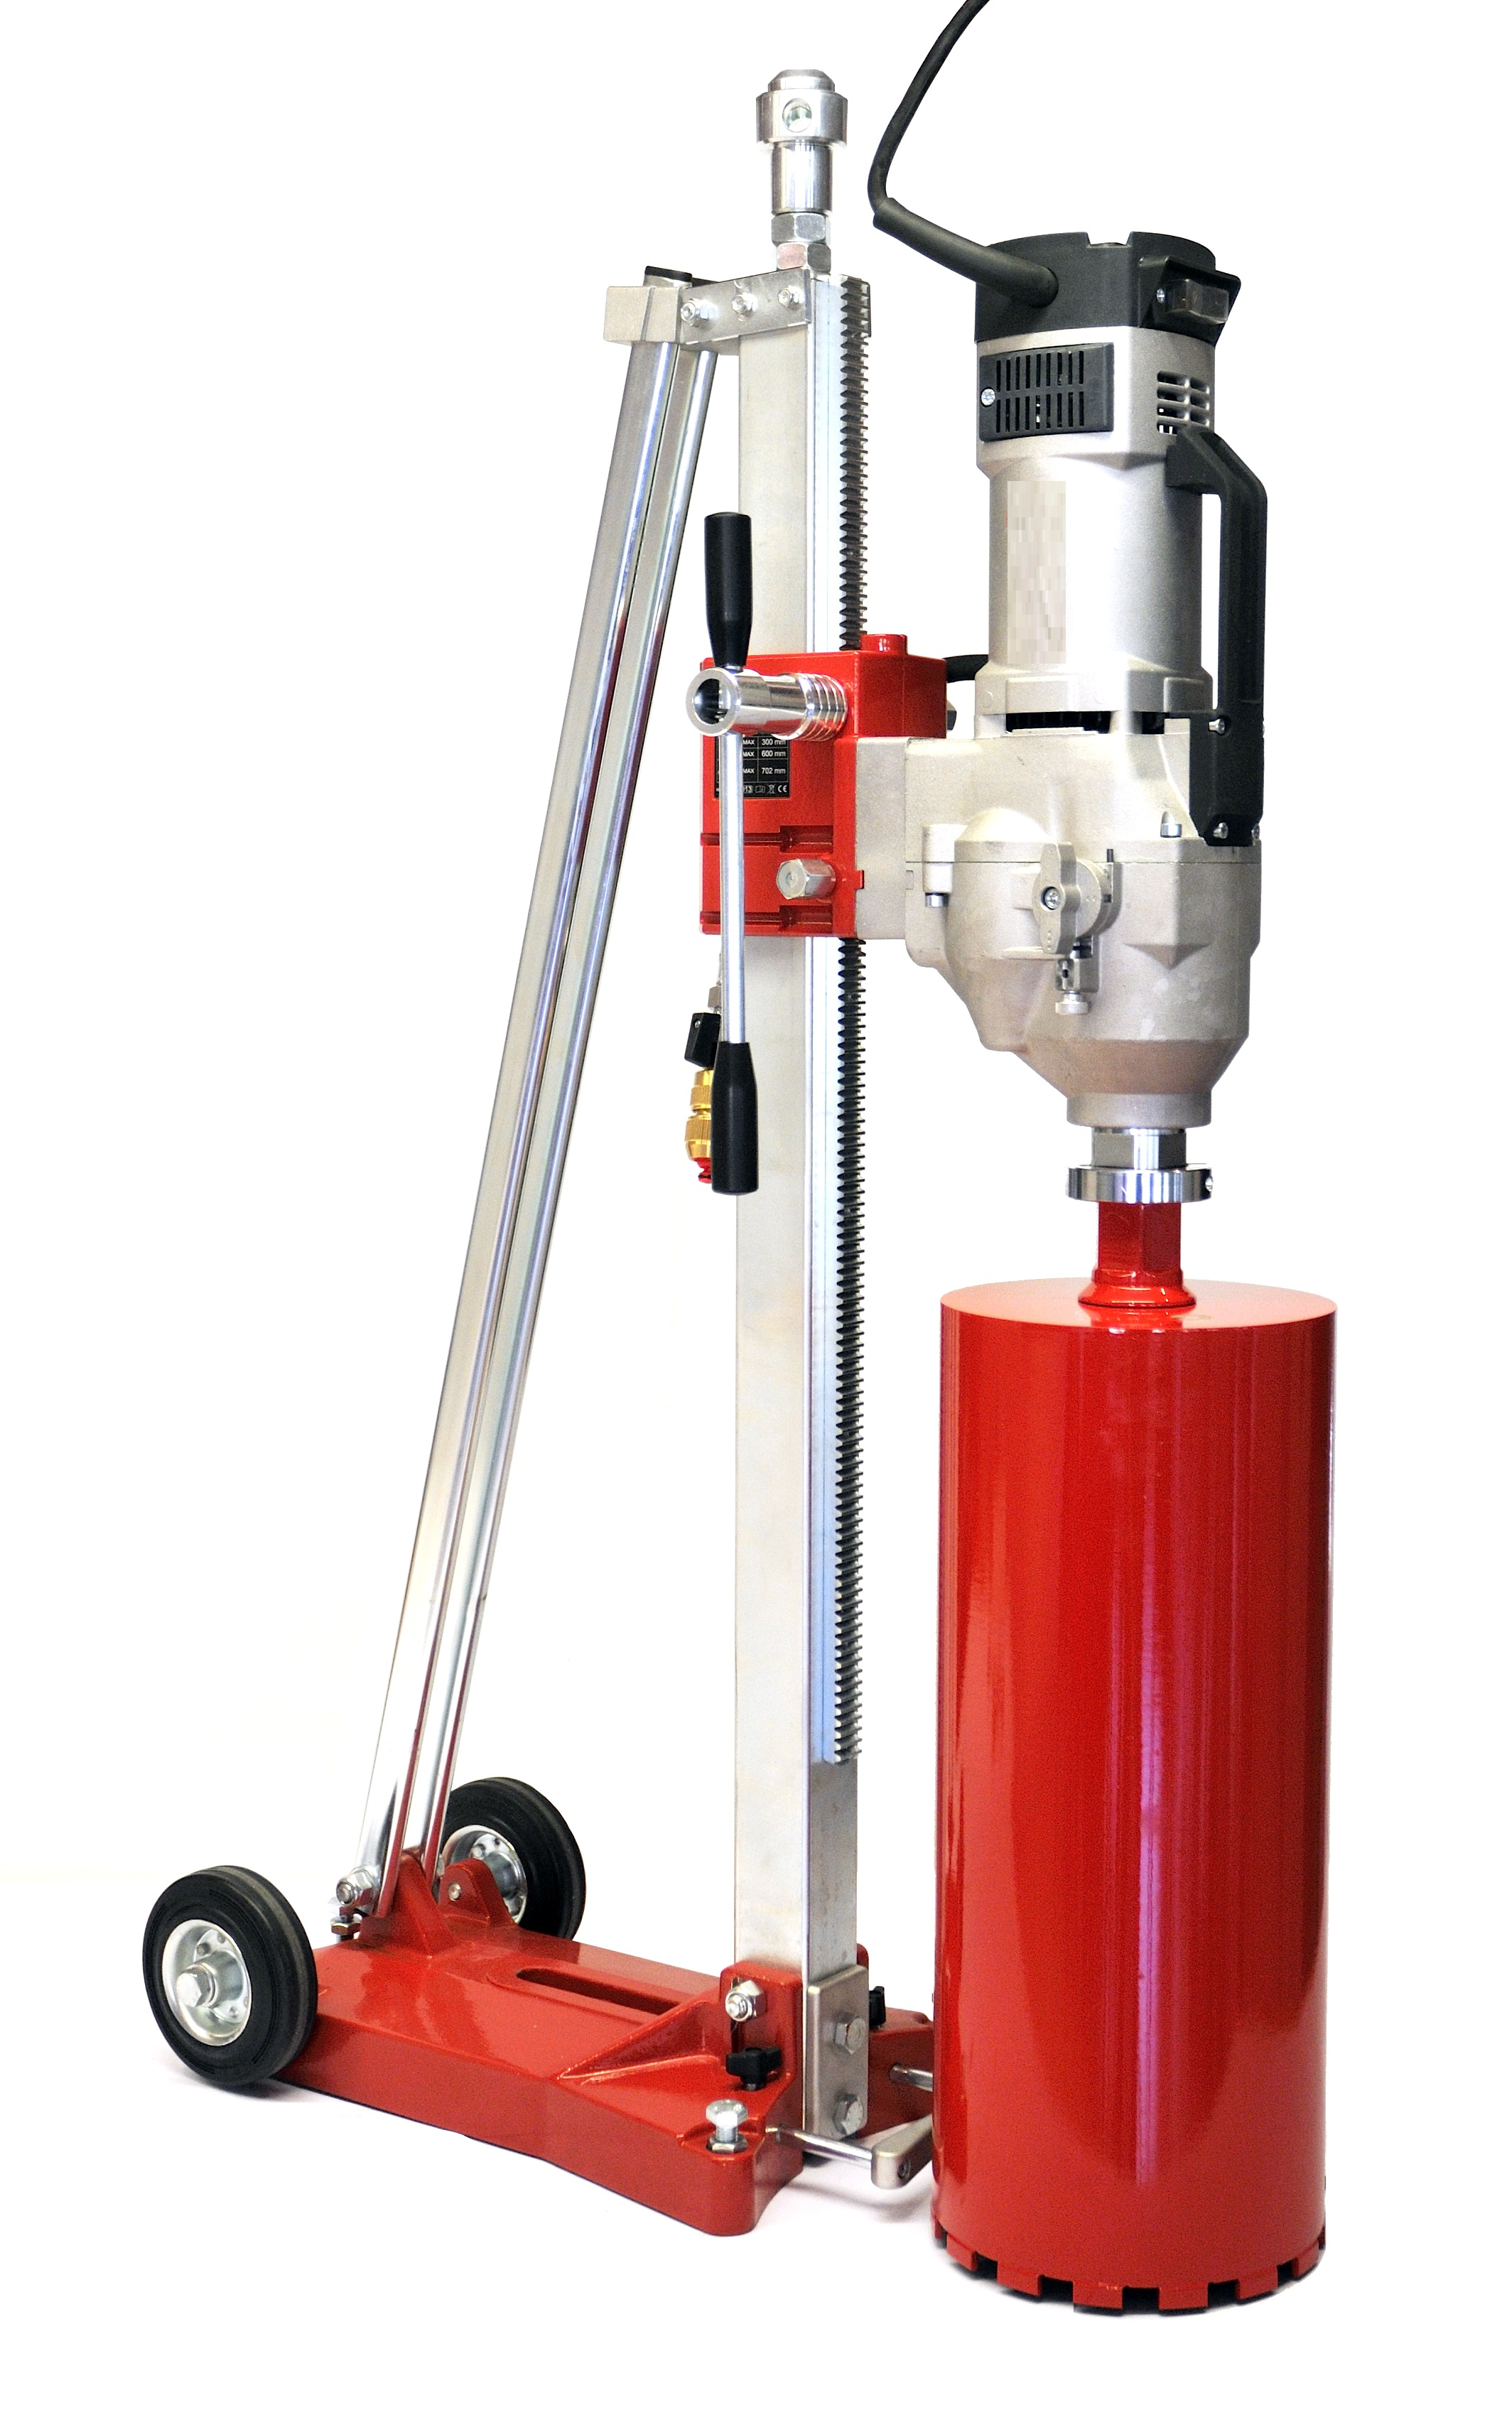 diamantboormachine-statief-boormachine-diamant-boor-kolom-instalatie-betonboor-verstelbaar-diamax-voorden